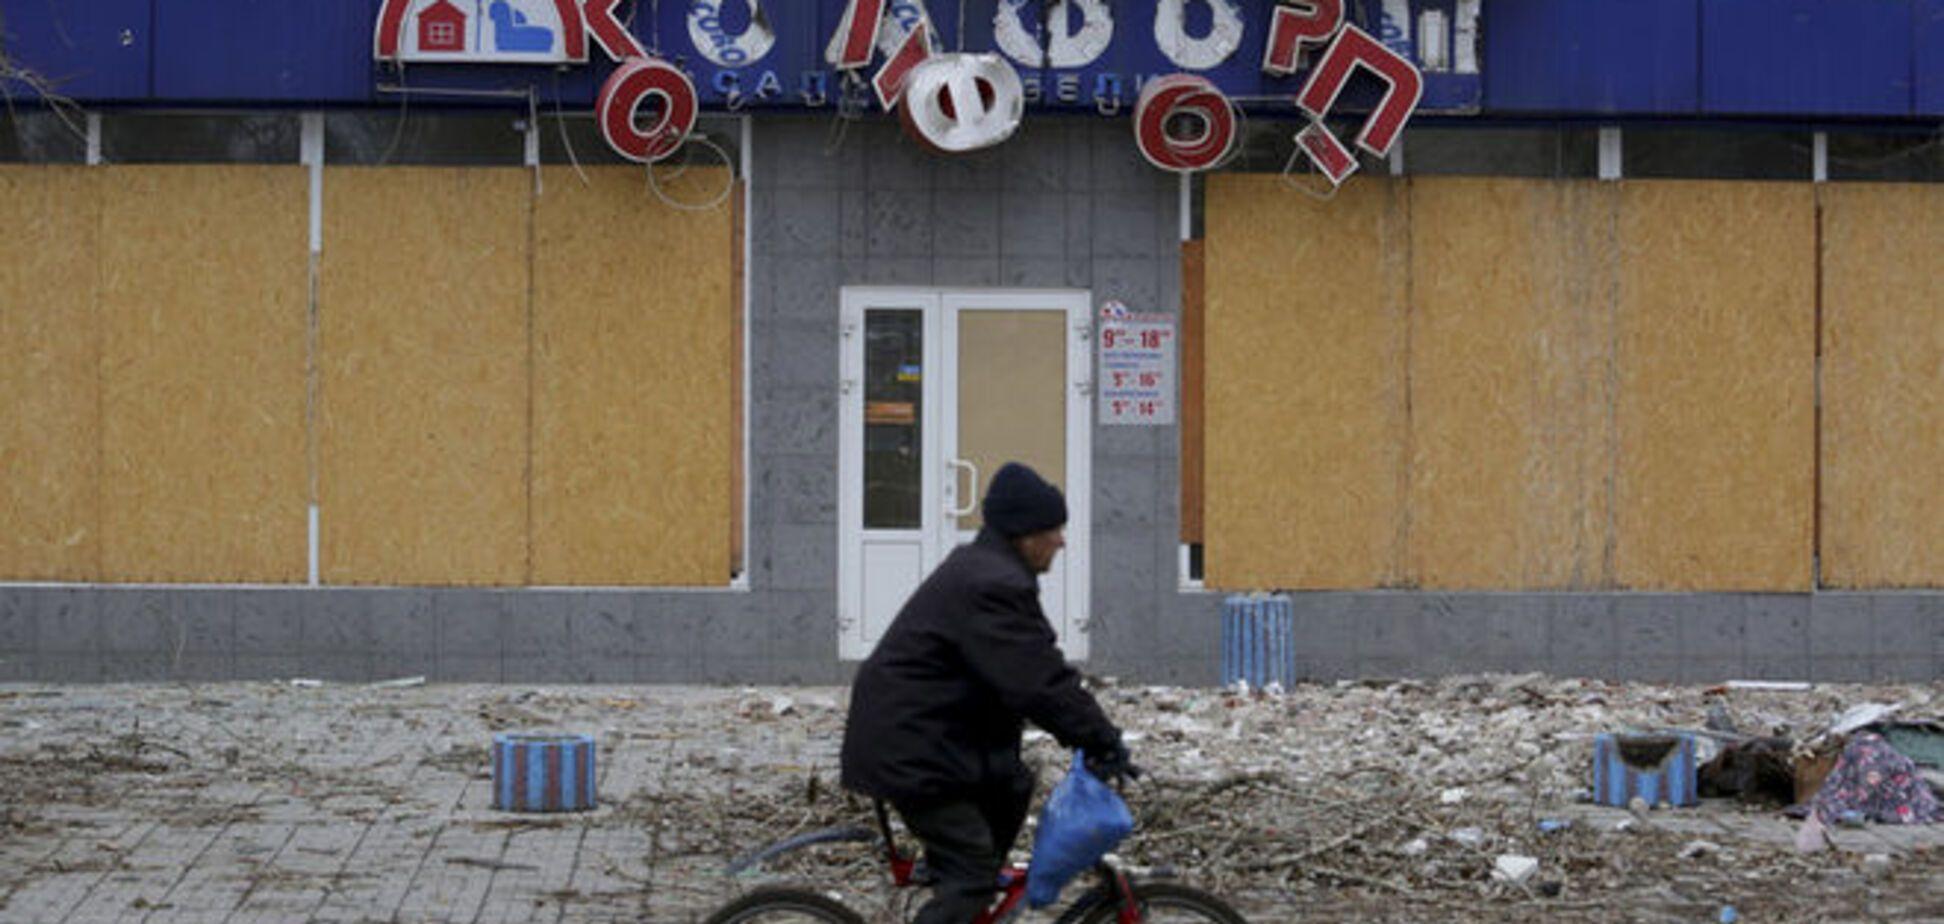 В Донецке названы три самых пострадавших от обстрелов района за время оккупации